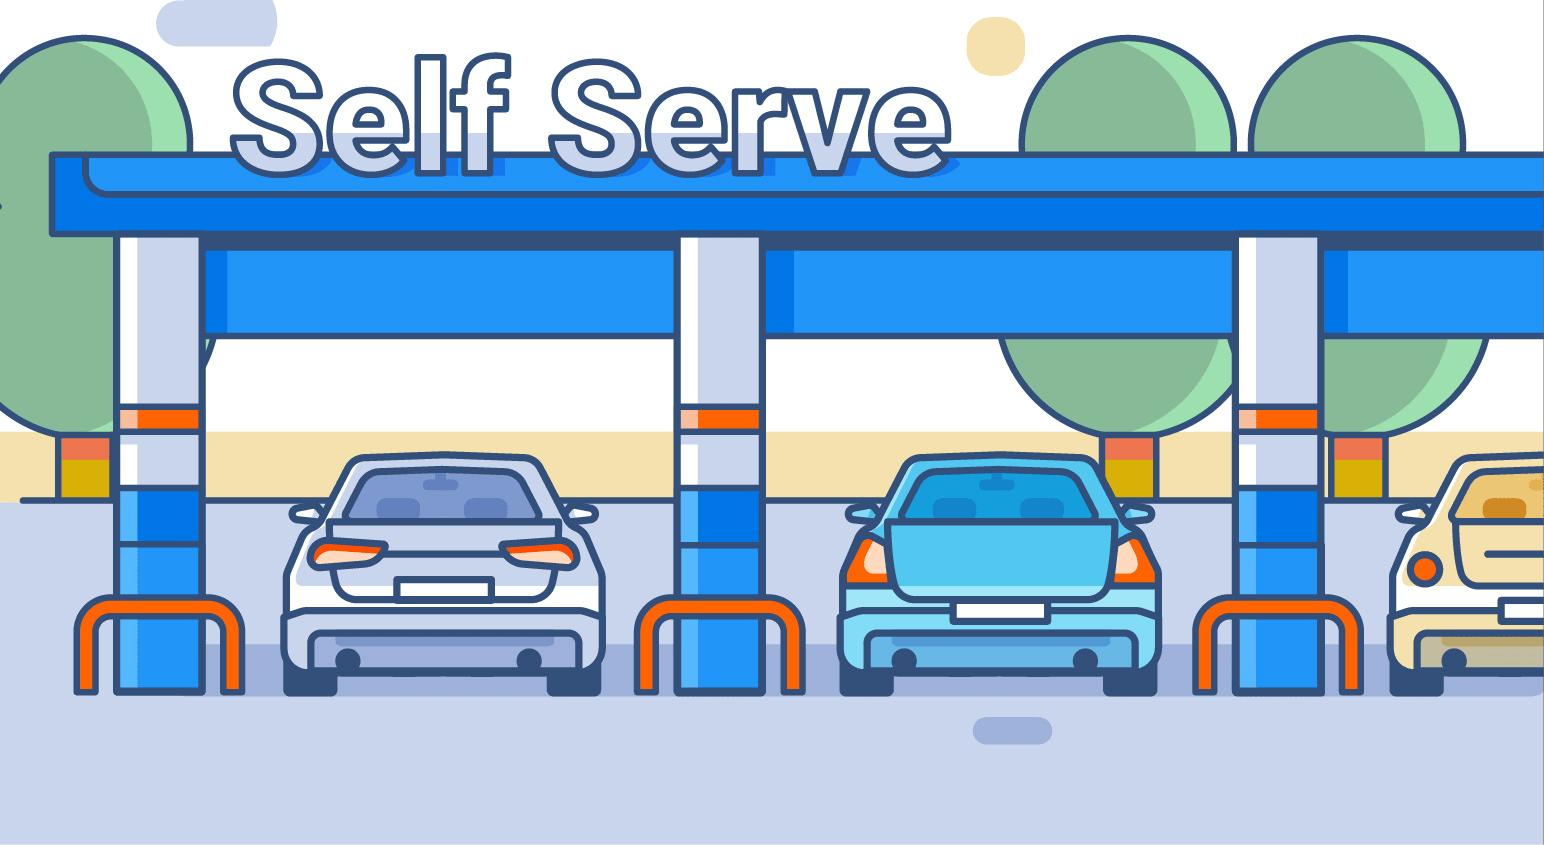 Self-Service Car Wash